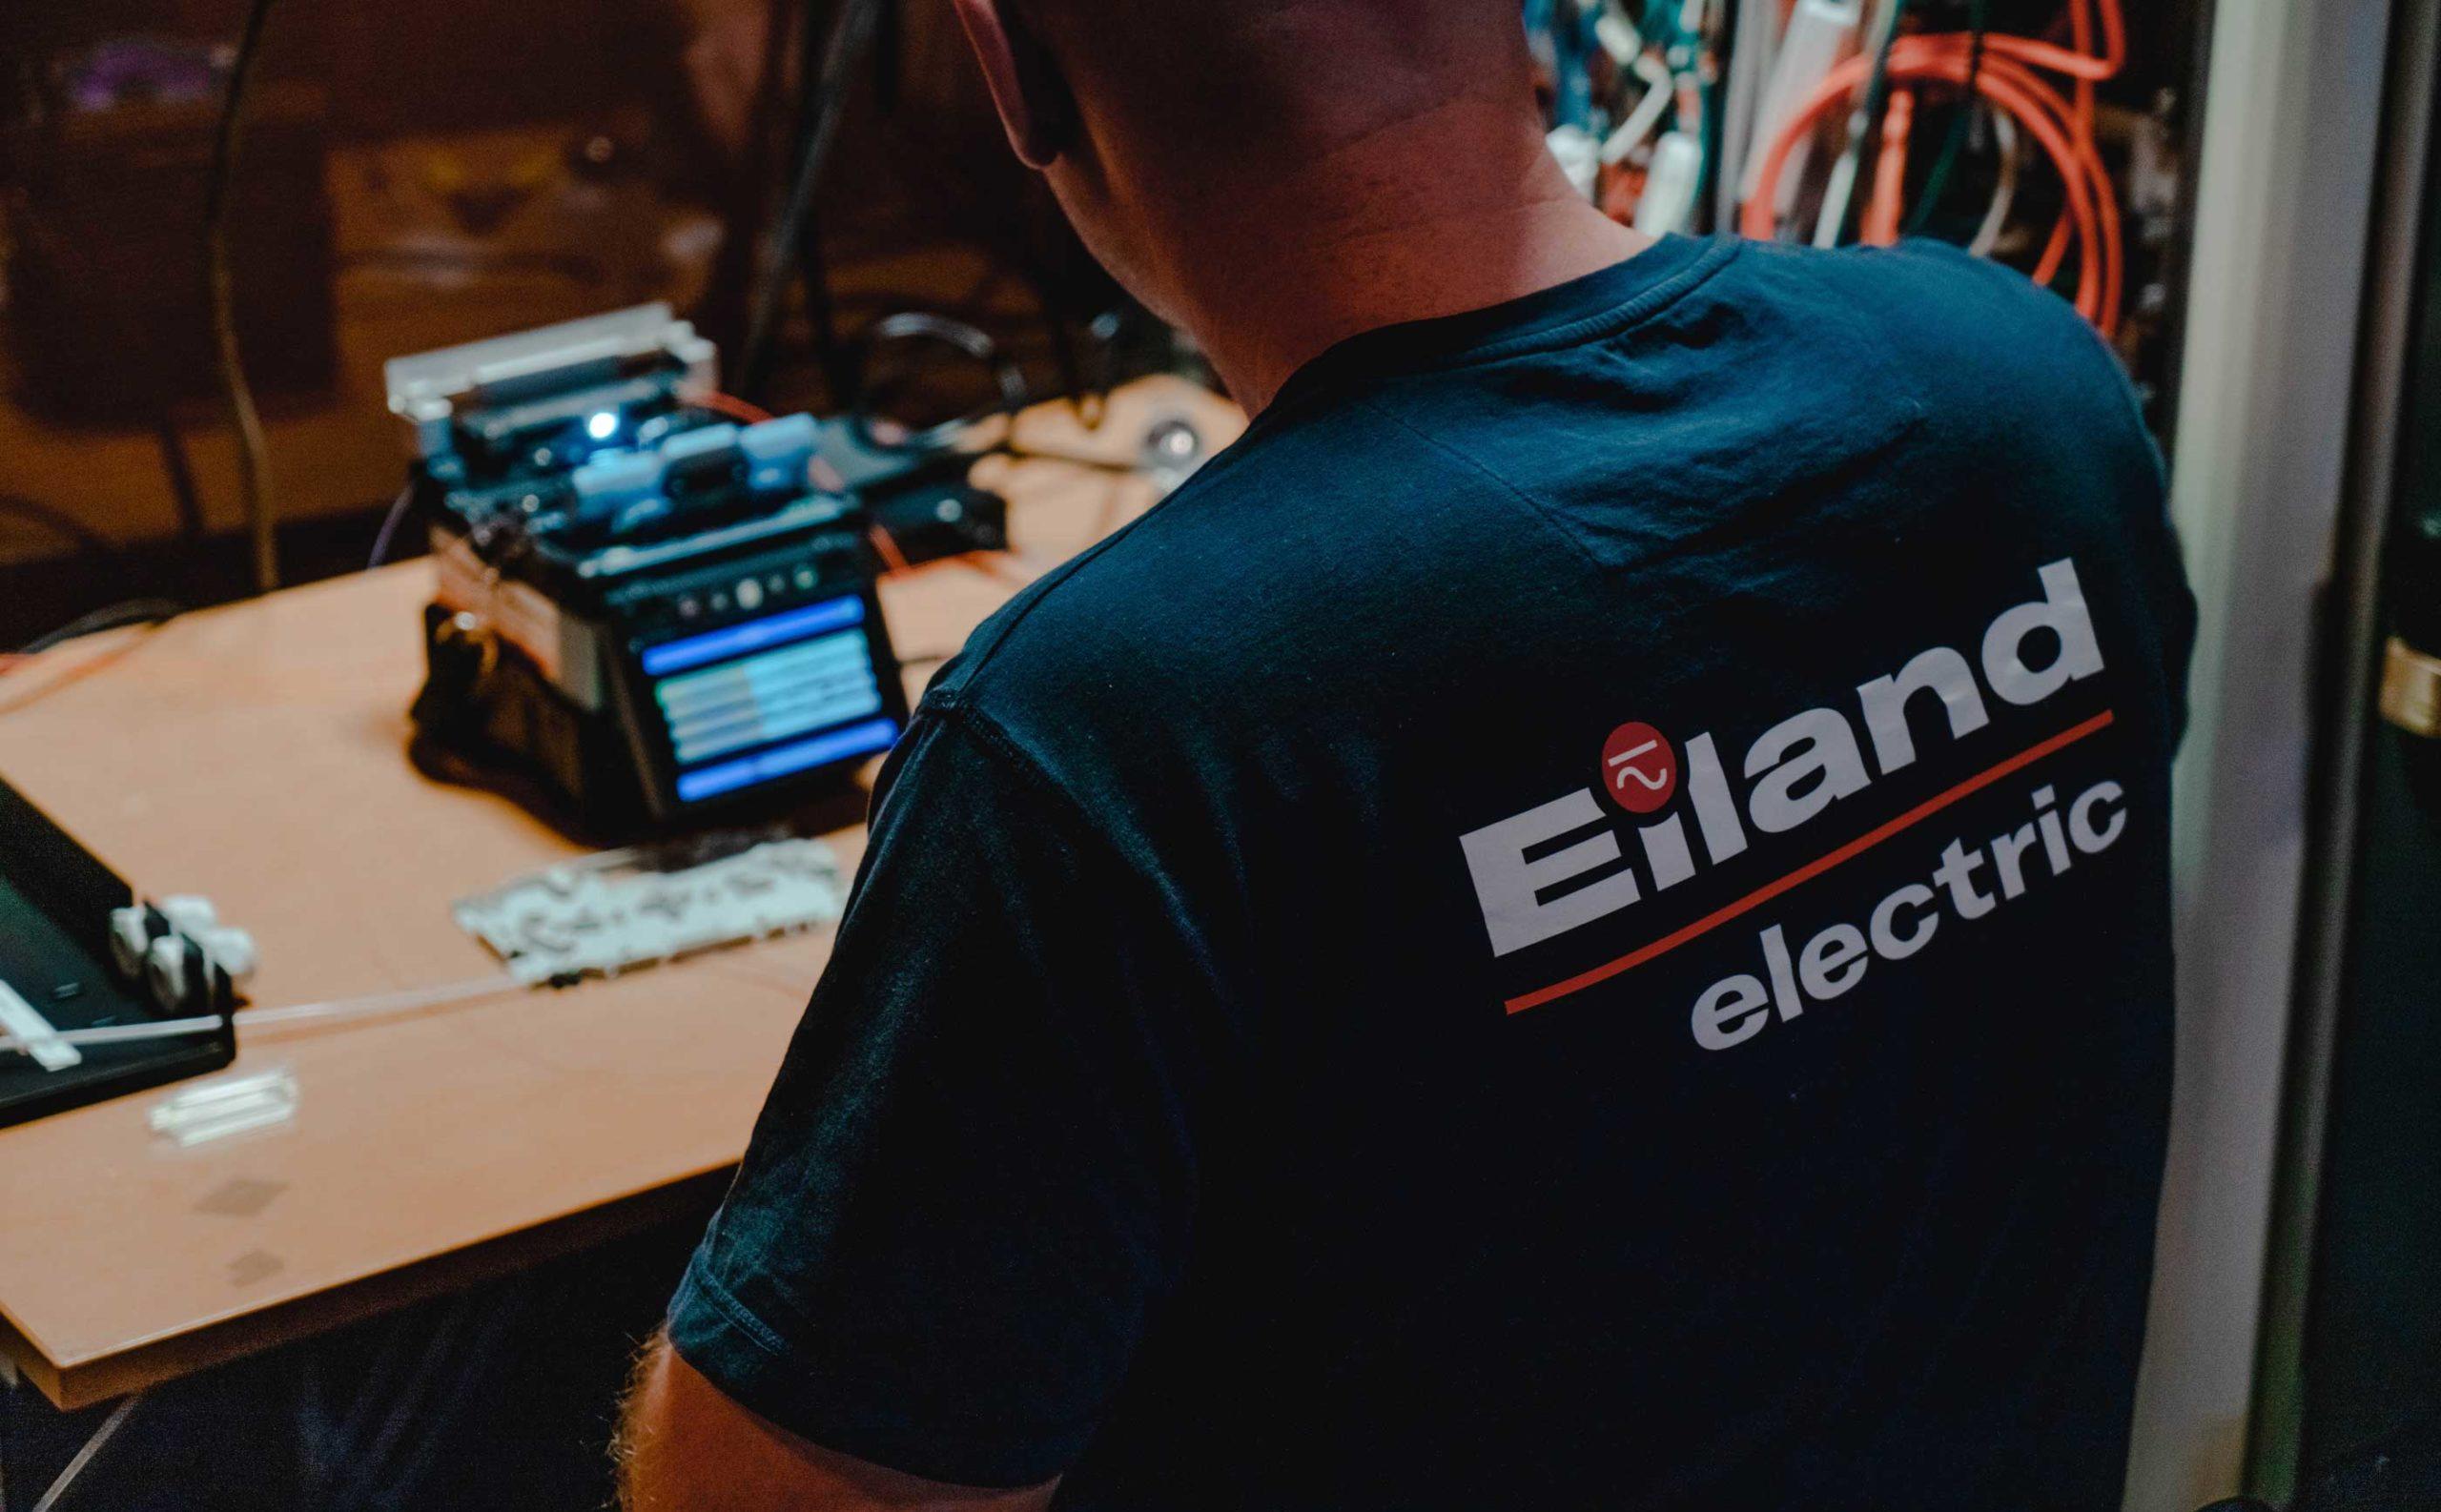 Eiland Electric hjælper dig med dit projekt